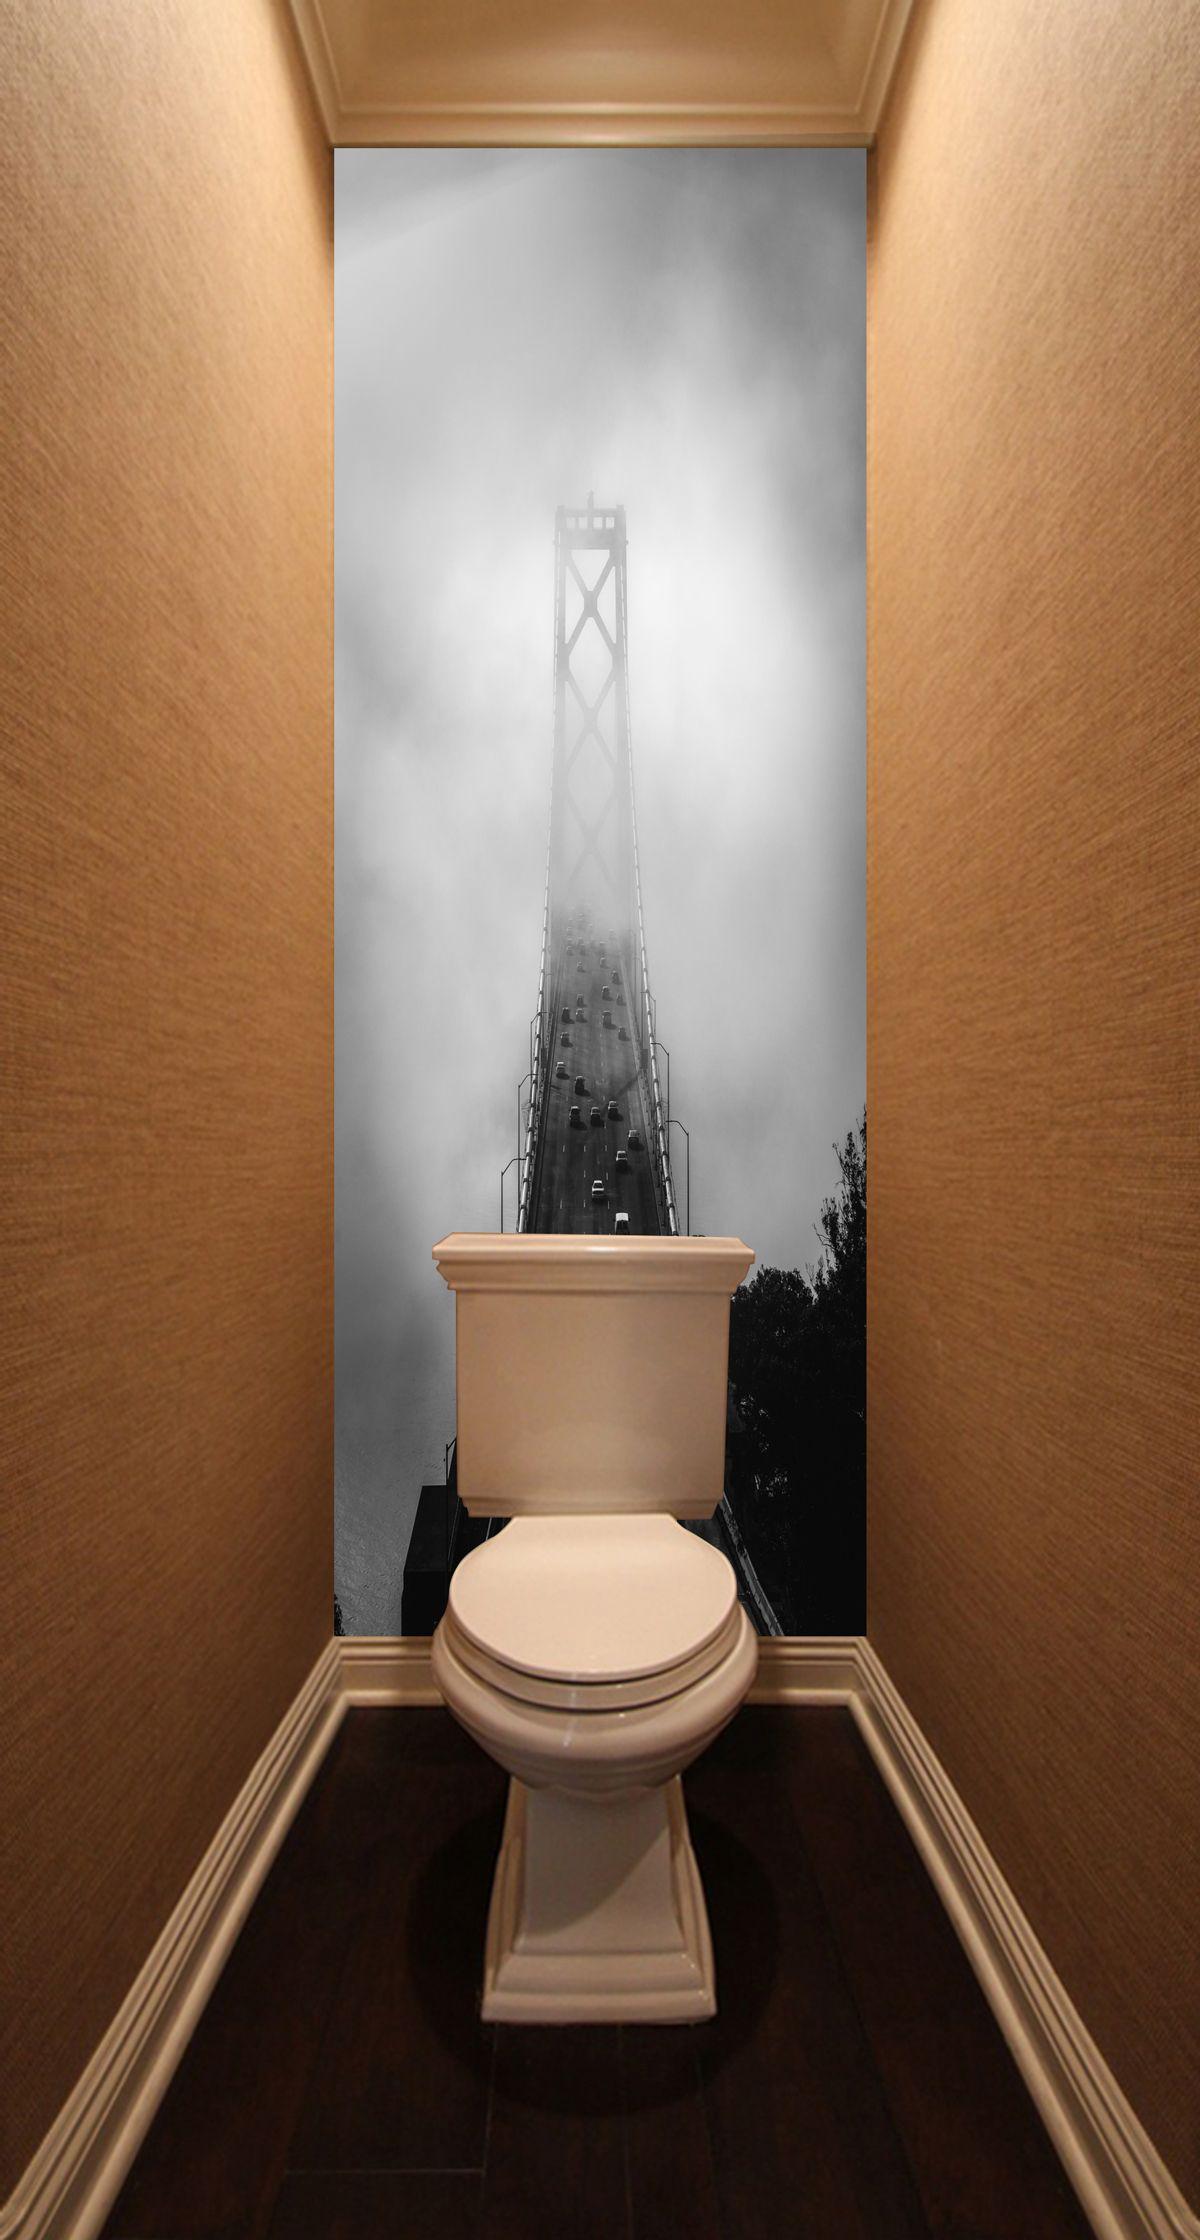 Фотообои в туалет - Дорога сквозь облака купить в магазине Интерьерные наклейки